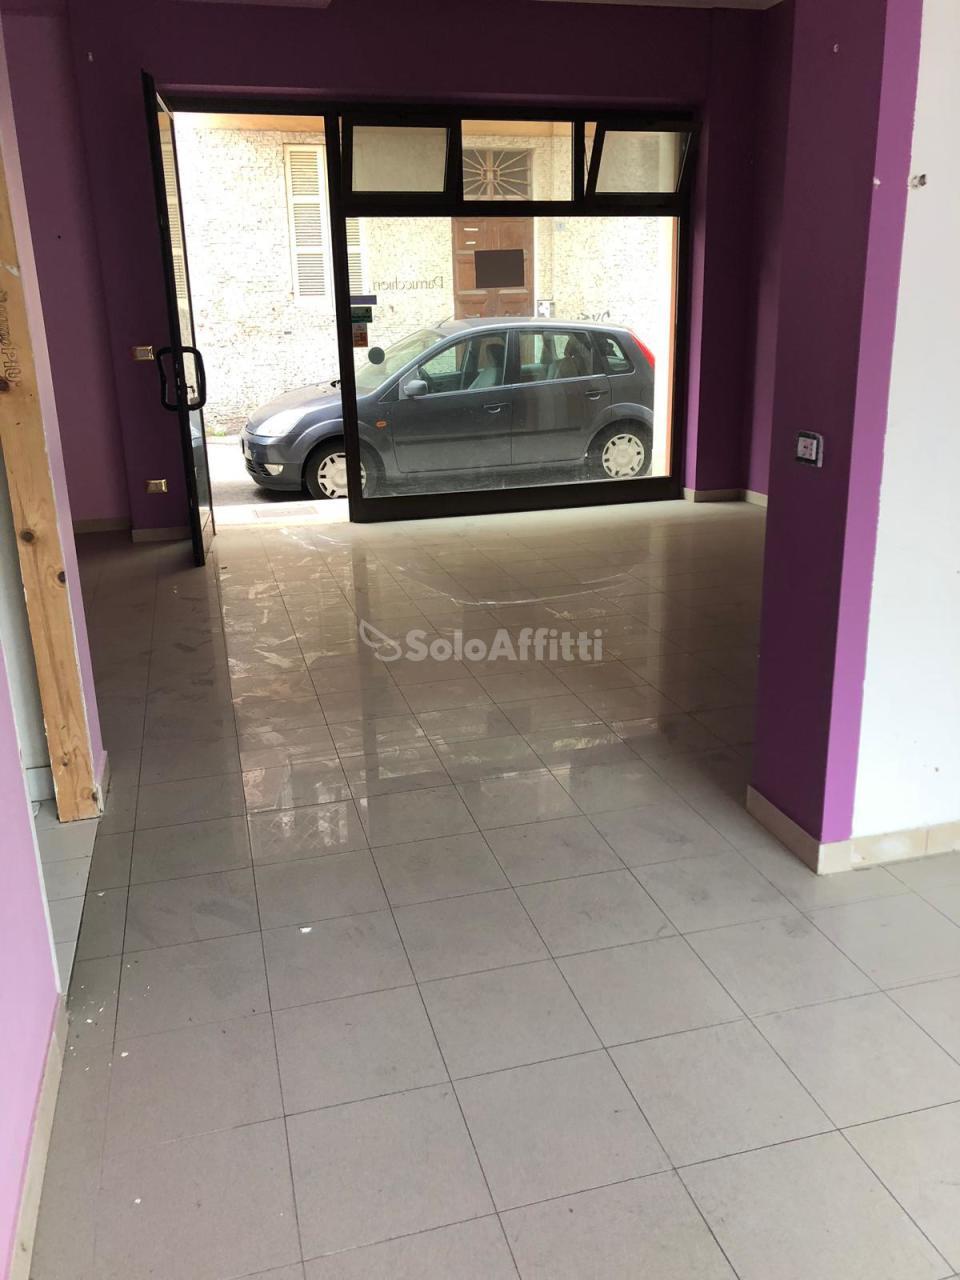 Ufficio - 2 locali a Piazza Salotto, Pescara Rif. 8502337